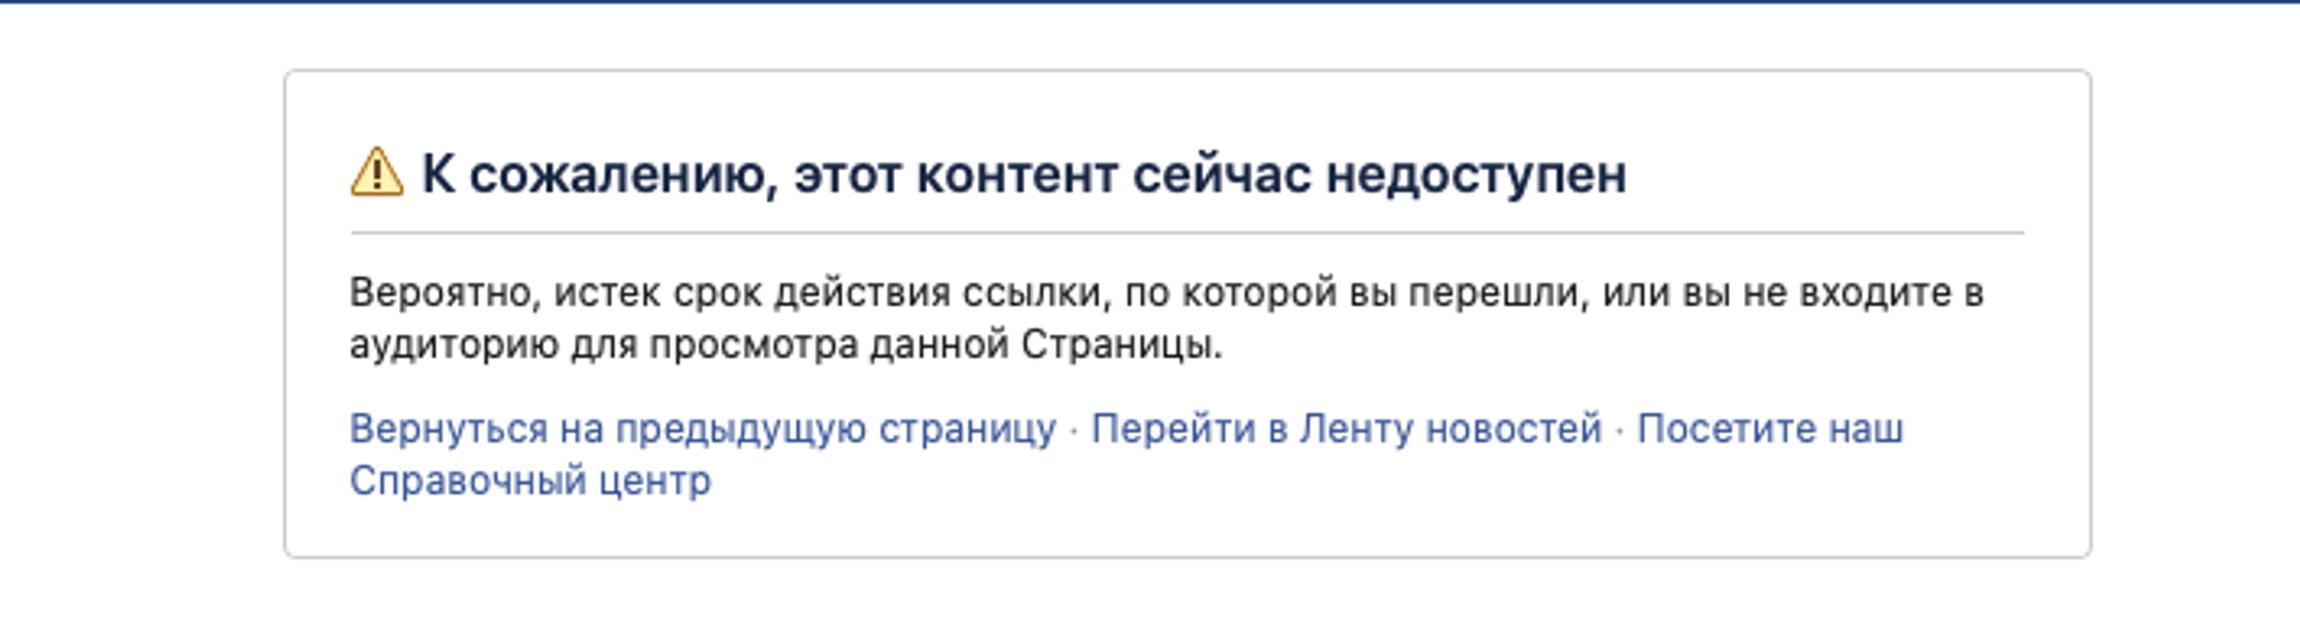 Шарикгейт: Депутат Брагар самоубился в фейсбуке - фото 195256